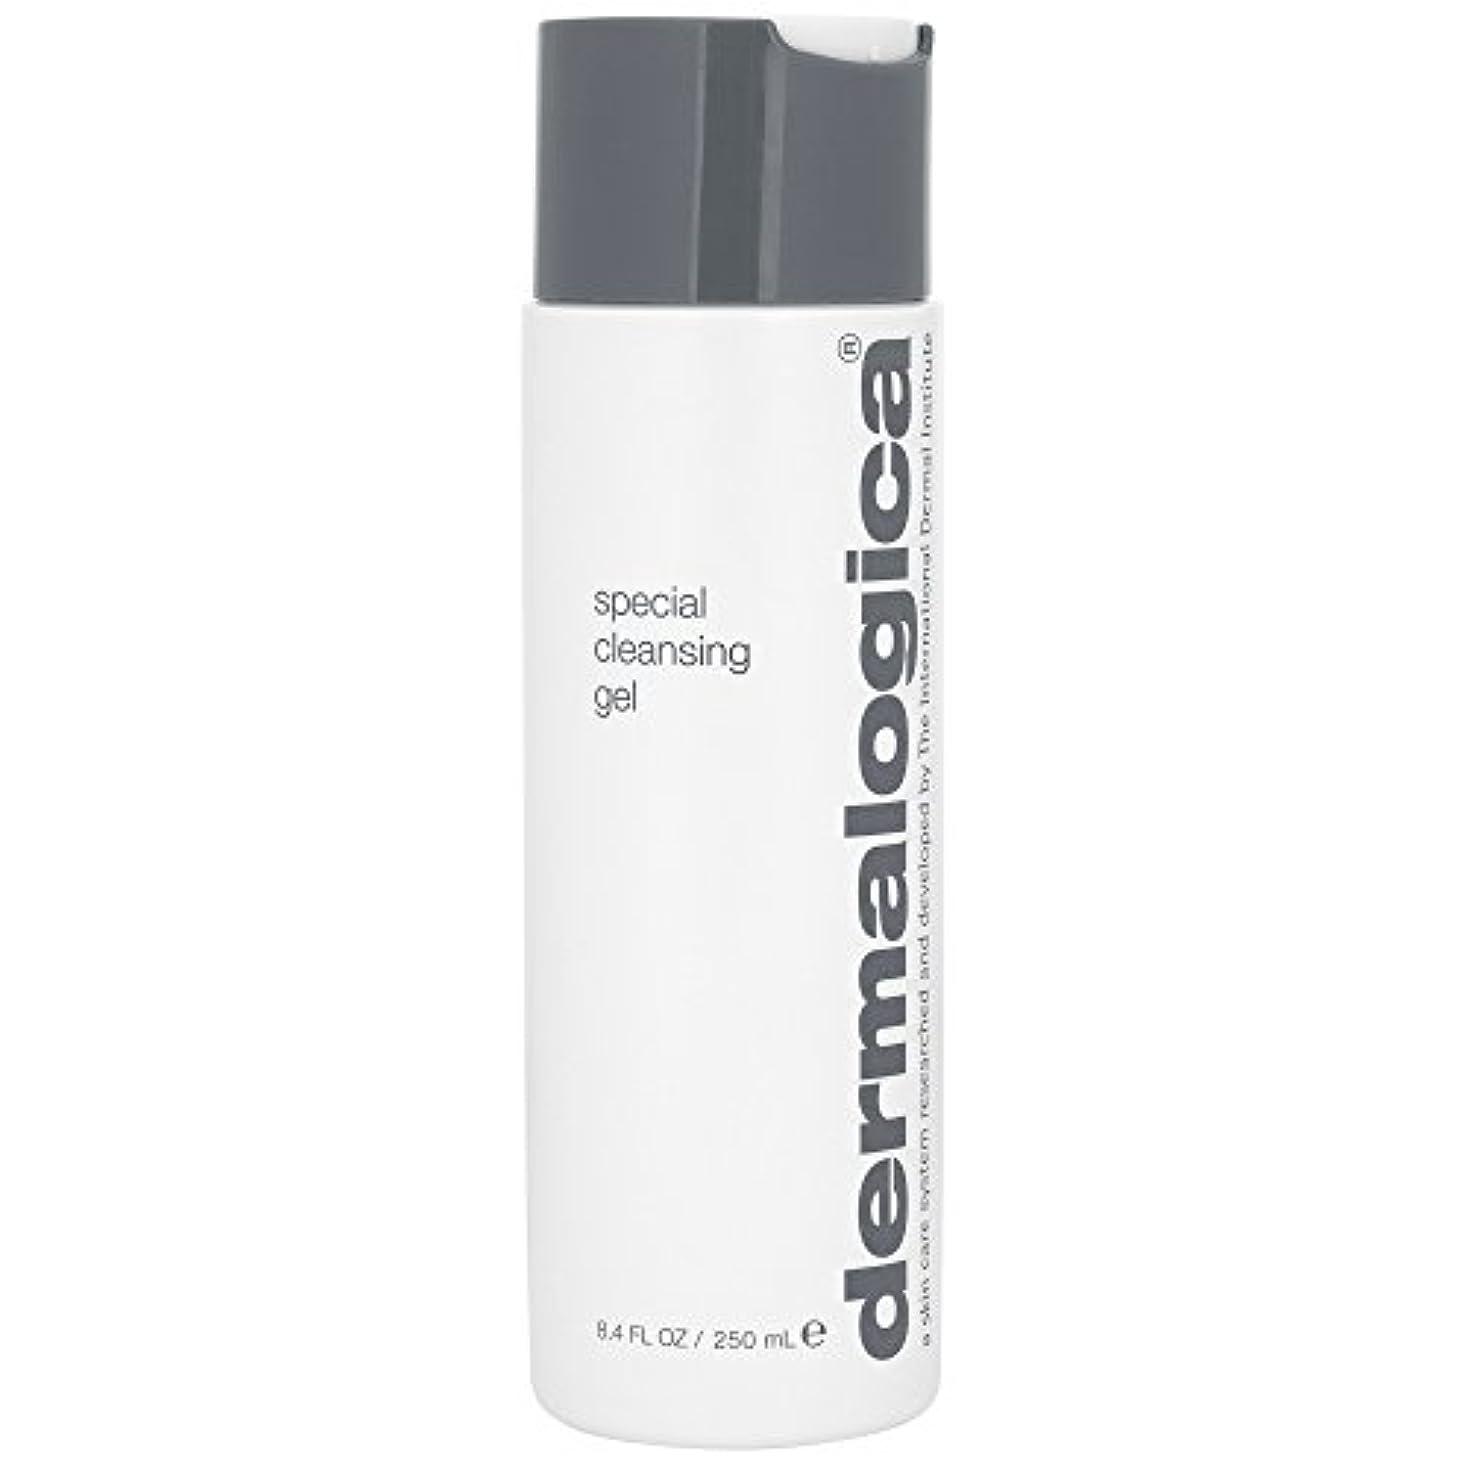 お金ゴムめったに霜ダーマロジカ特別なクレンジングゲル250ミリリットル (Dermalogica) - Dermalogica Special Cleansing Gel 250ml [並行輸入品]